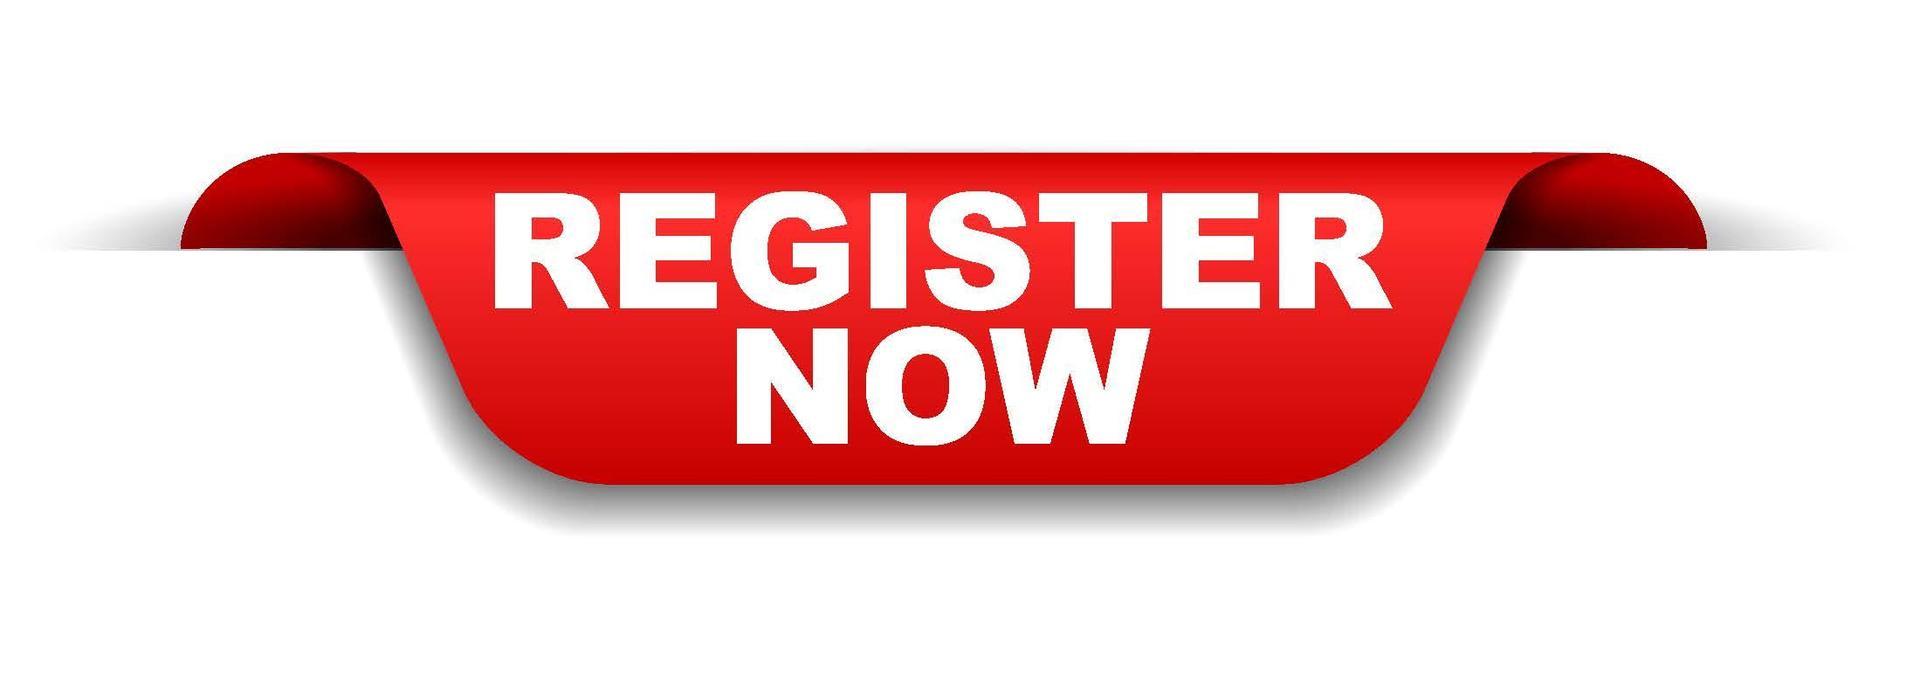 Register Now!!!